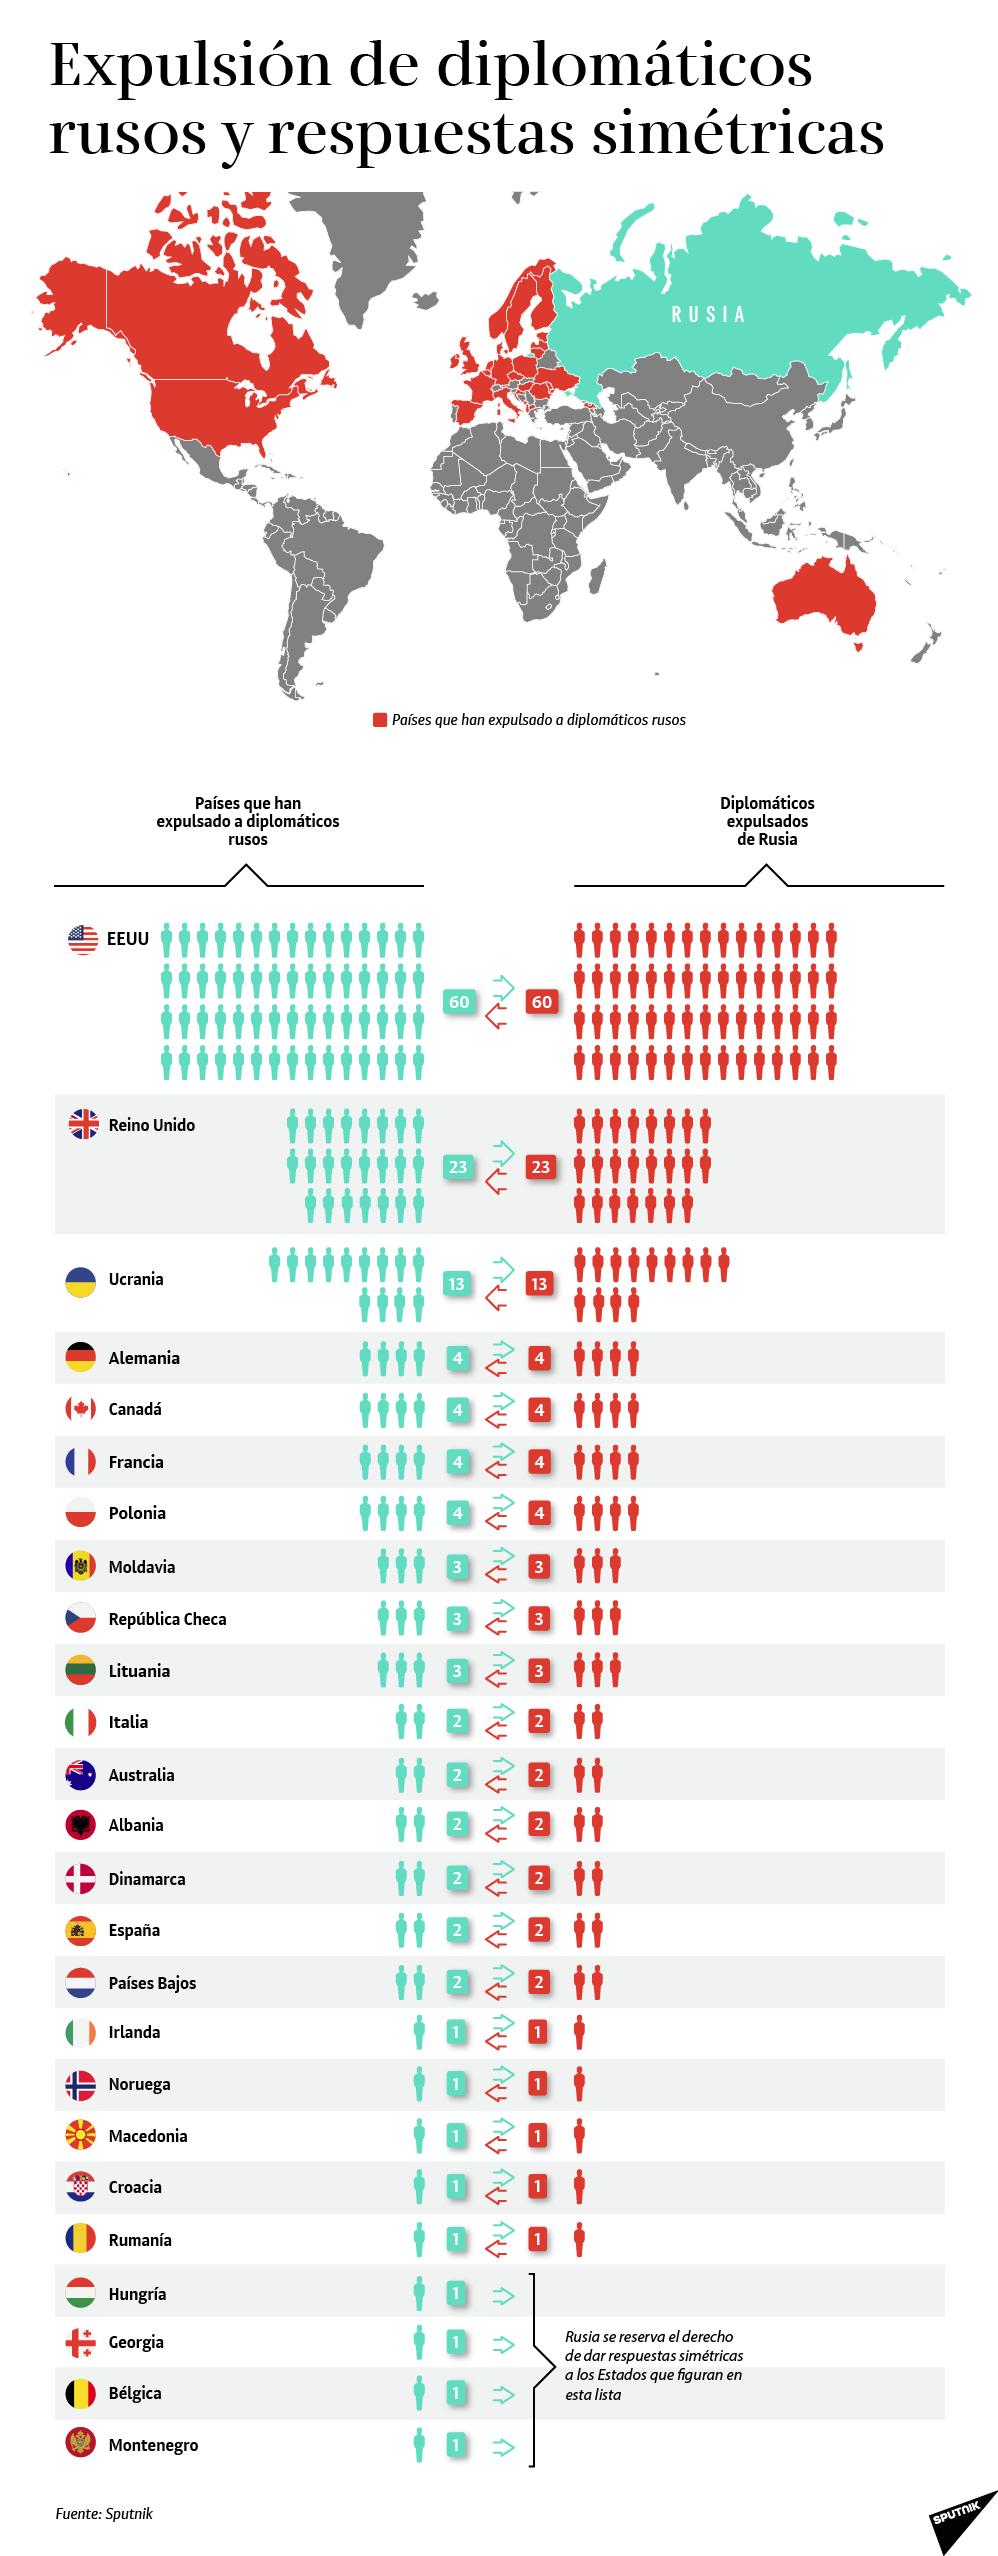 Expulsión de diplomáticos rusos y respuestas simétricas - Sputnik Mundo